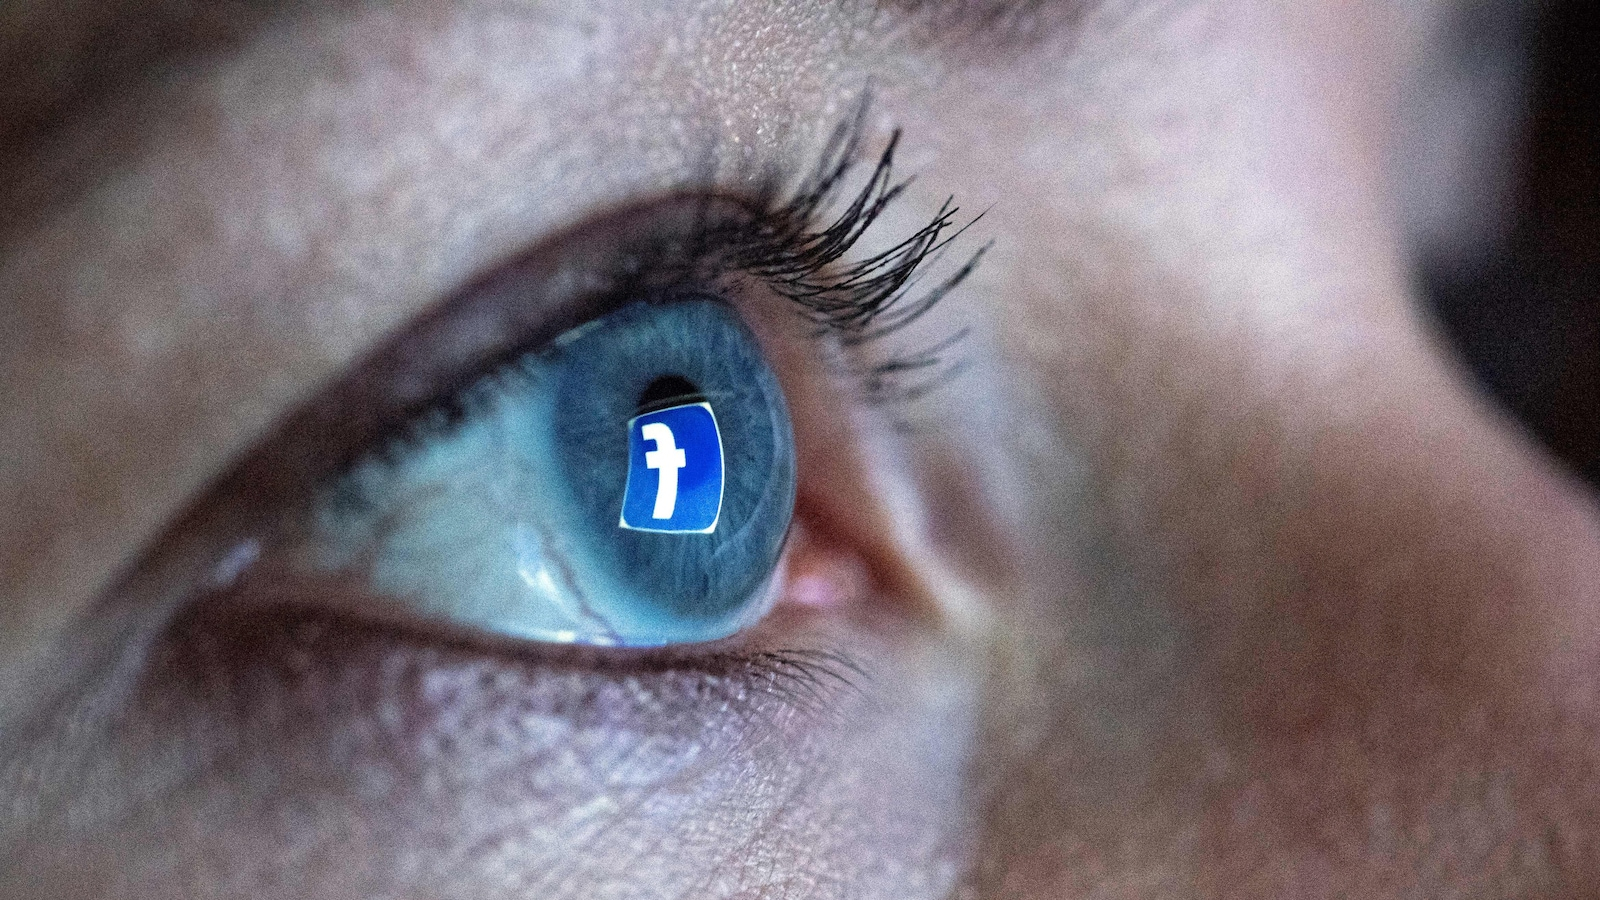 Une femme se tient devant un écran d'ordinateur alors que le logo du réseau social Facebook se réflète dans son œil.